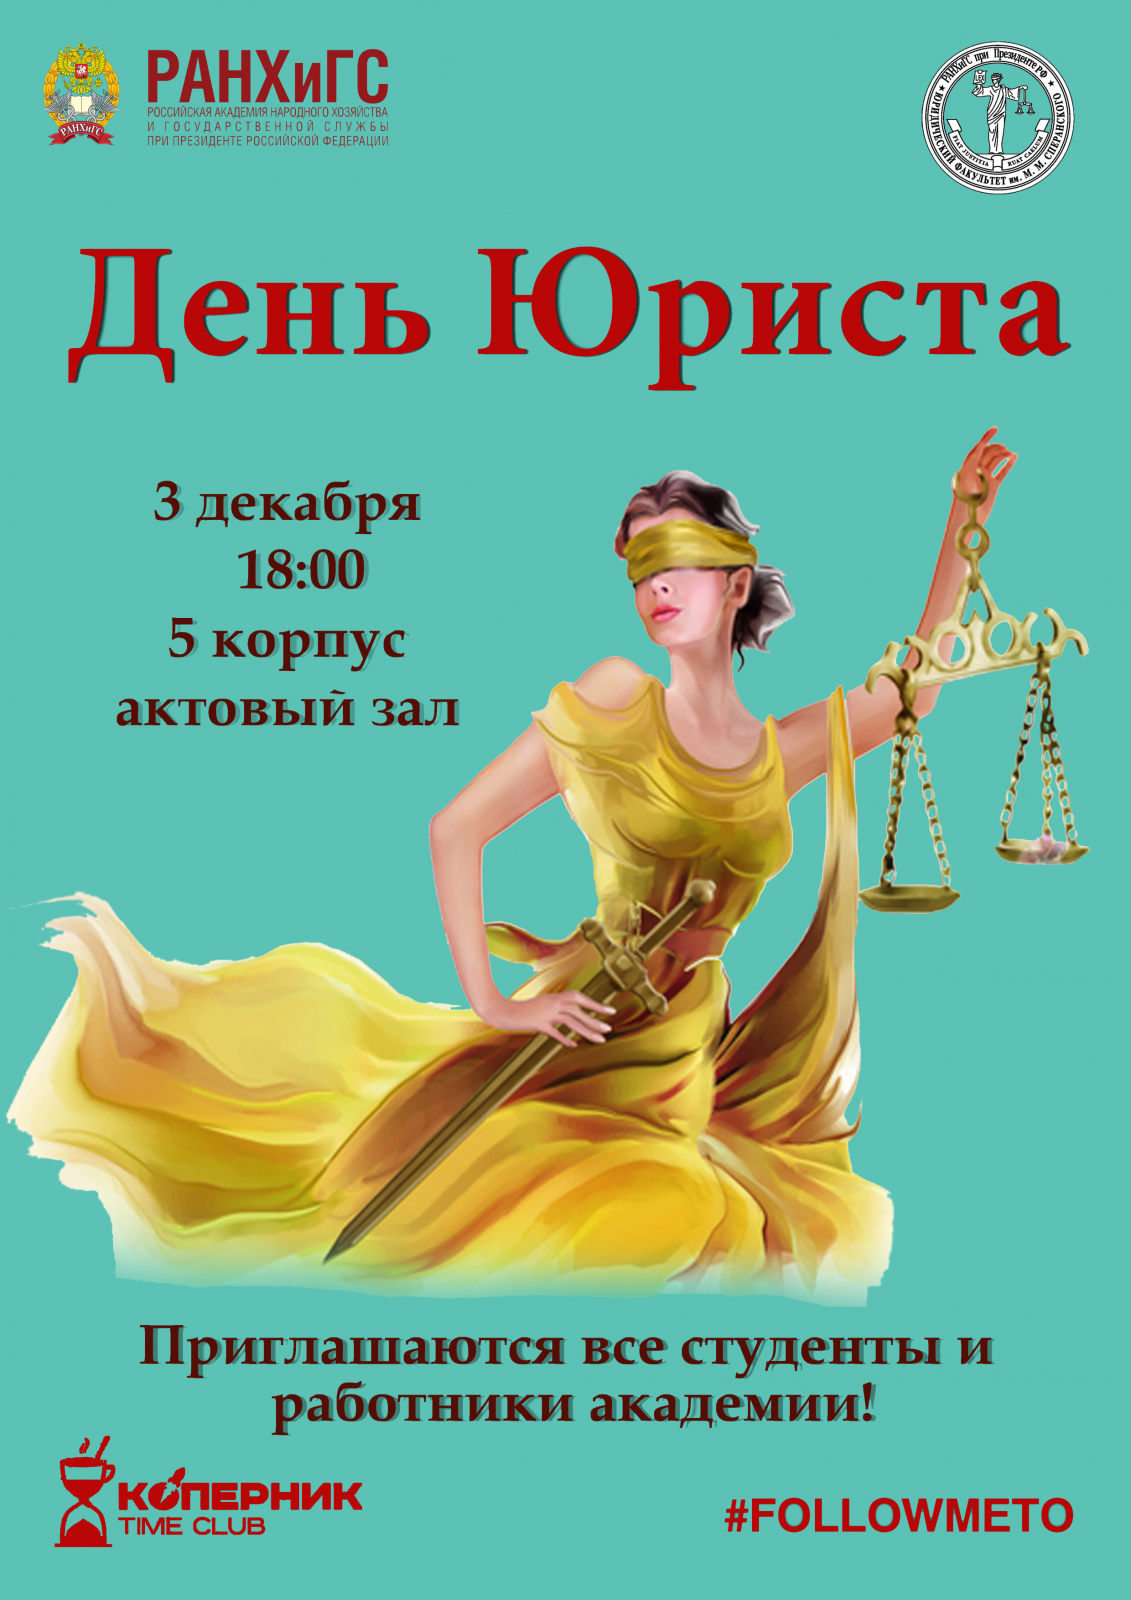 Поздравление с днем рождения для юриста в прозе